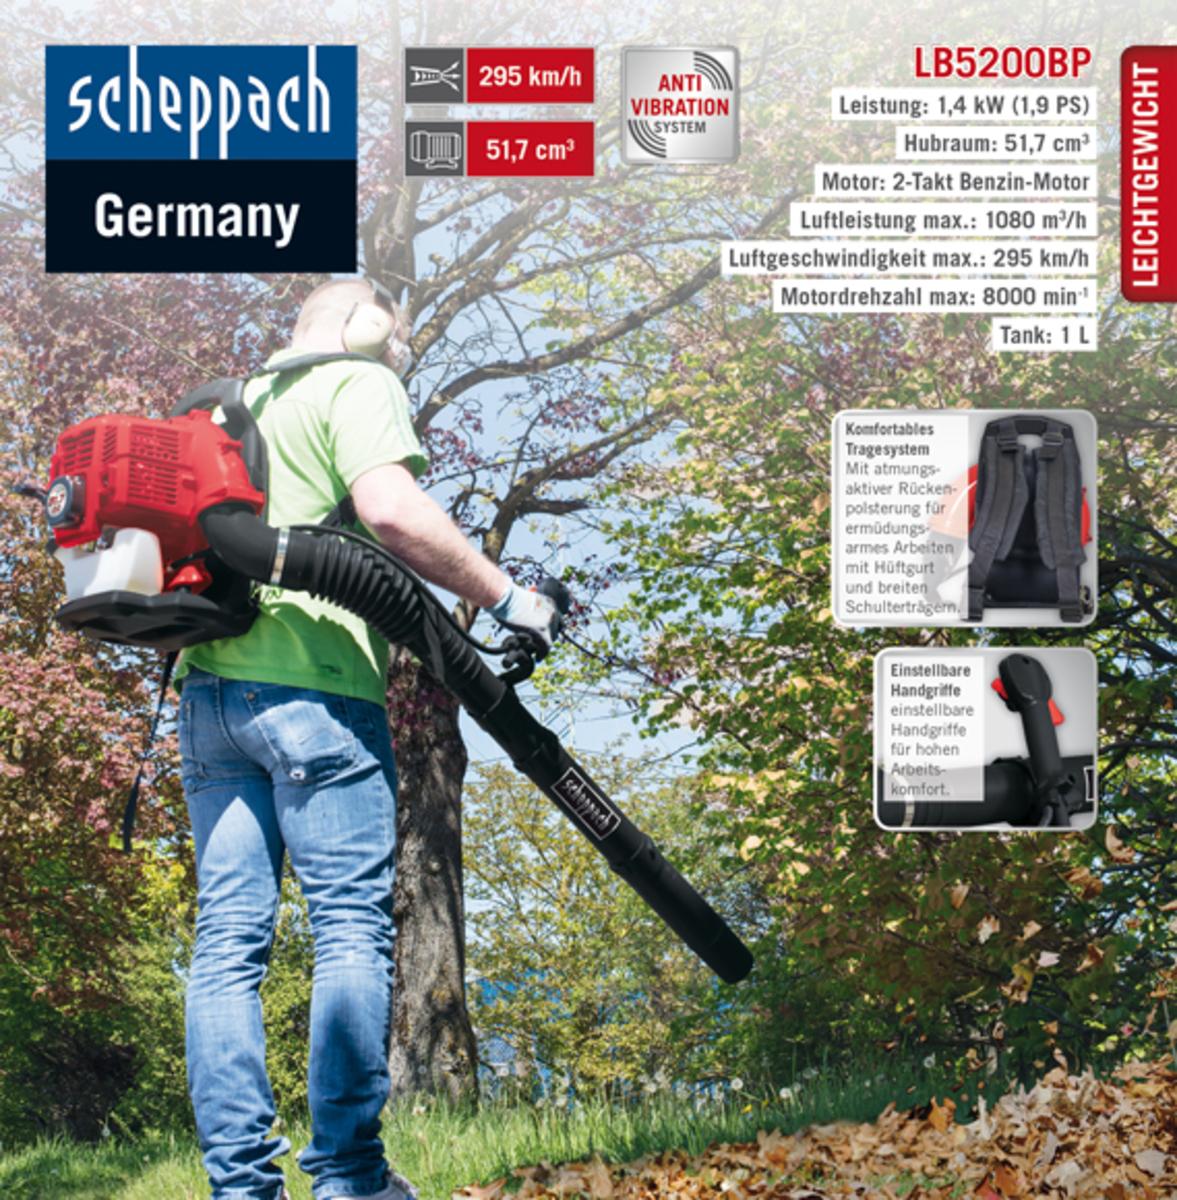 Bild 1 von Scheppach Backpack Laubbläser LB5200BP